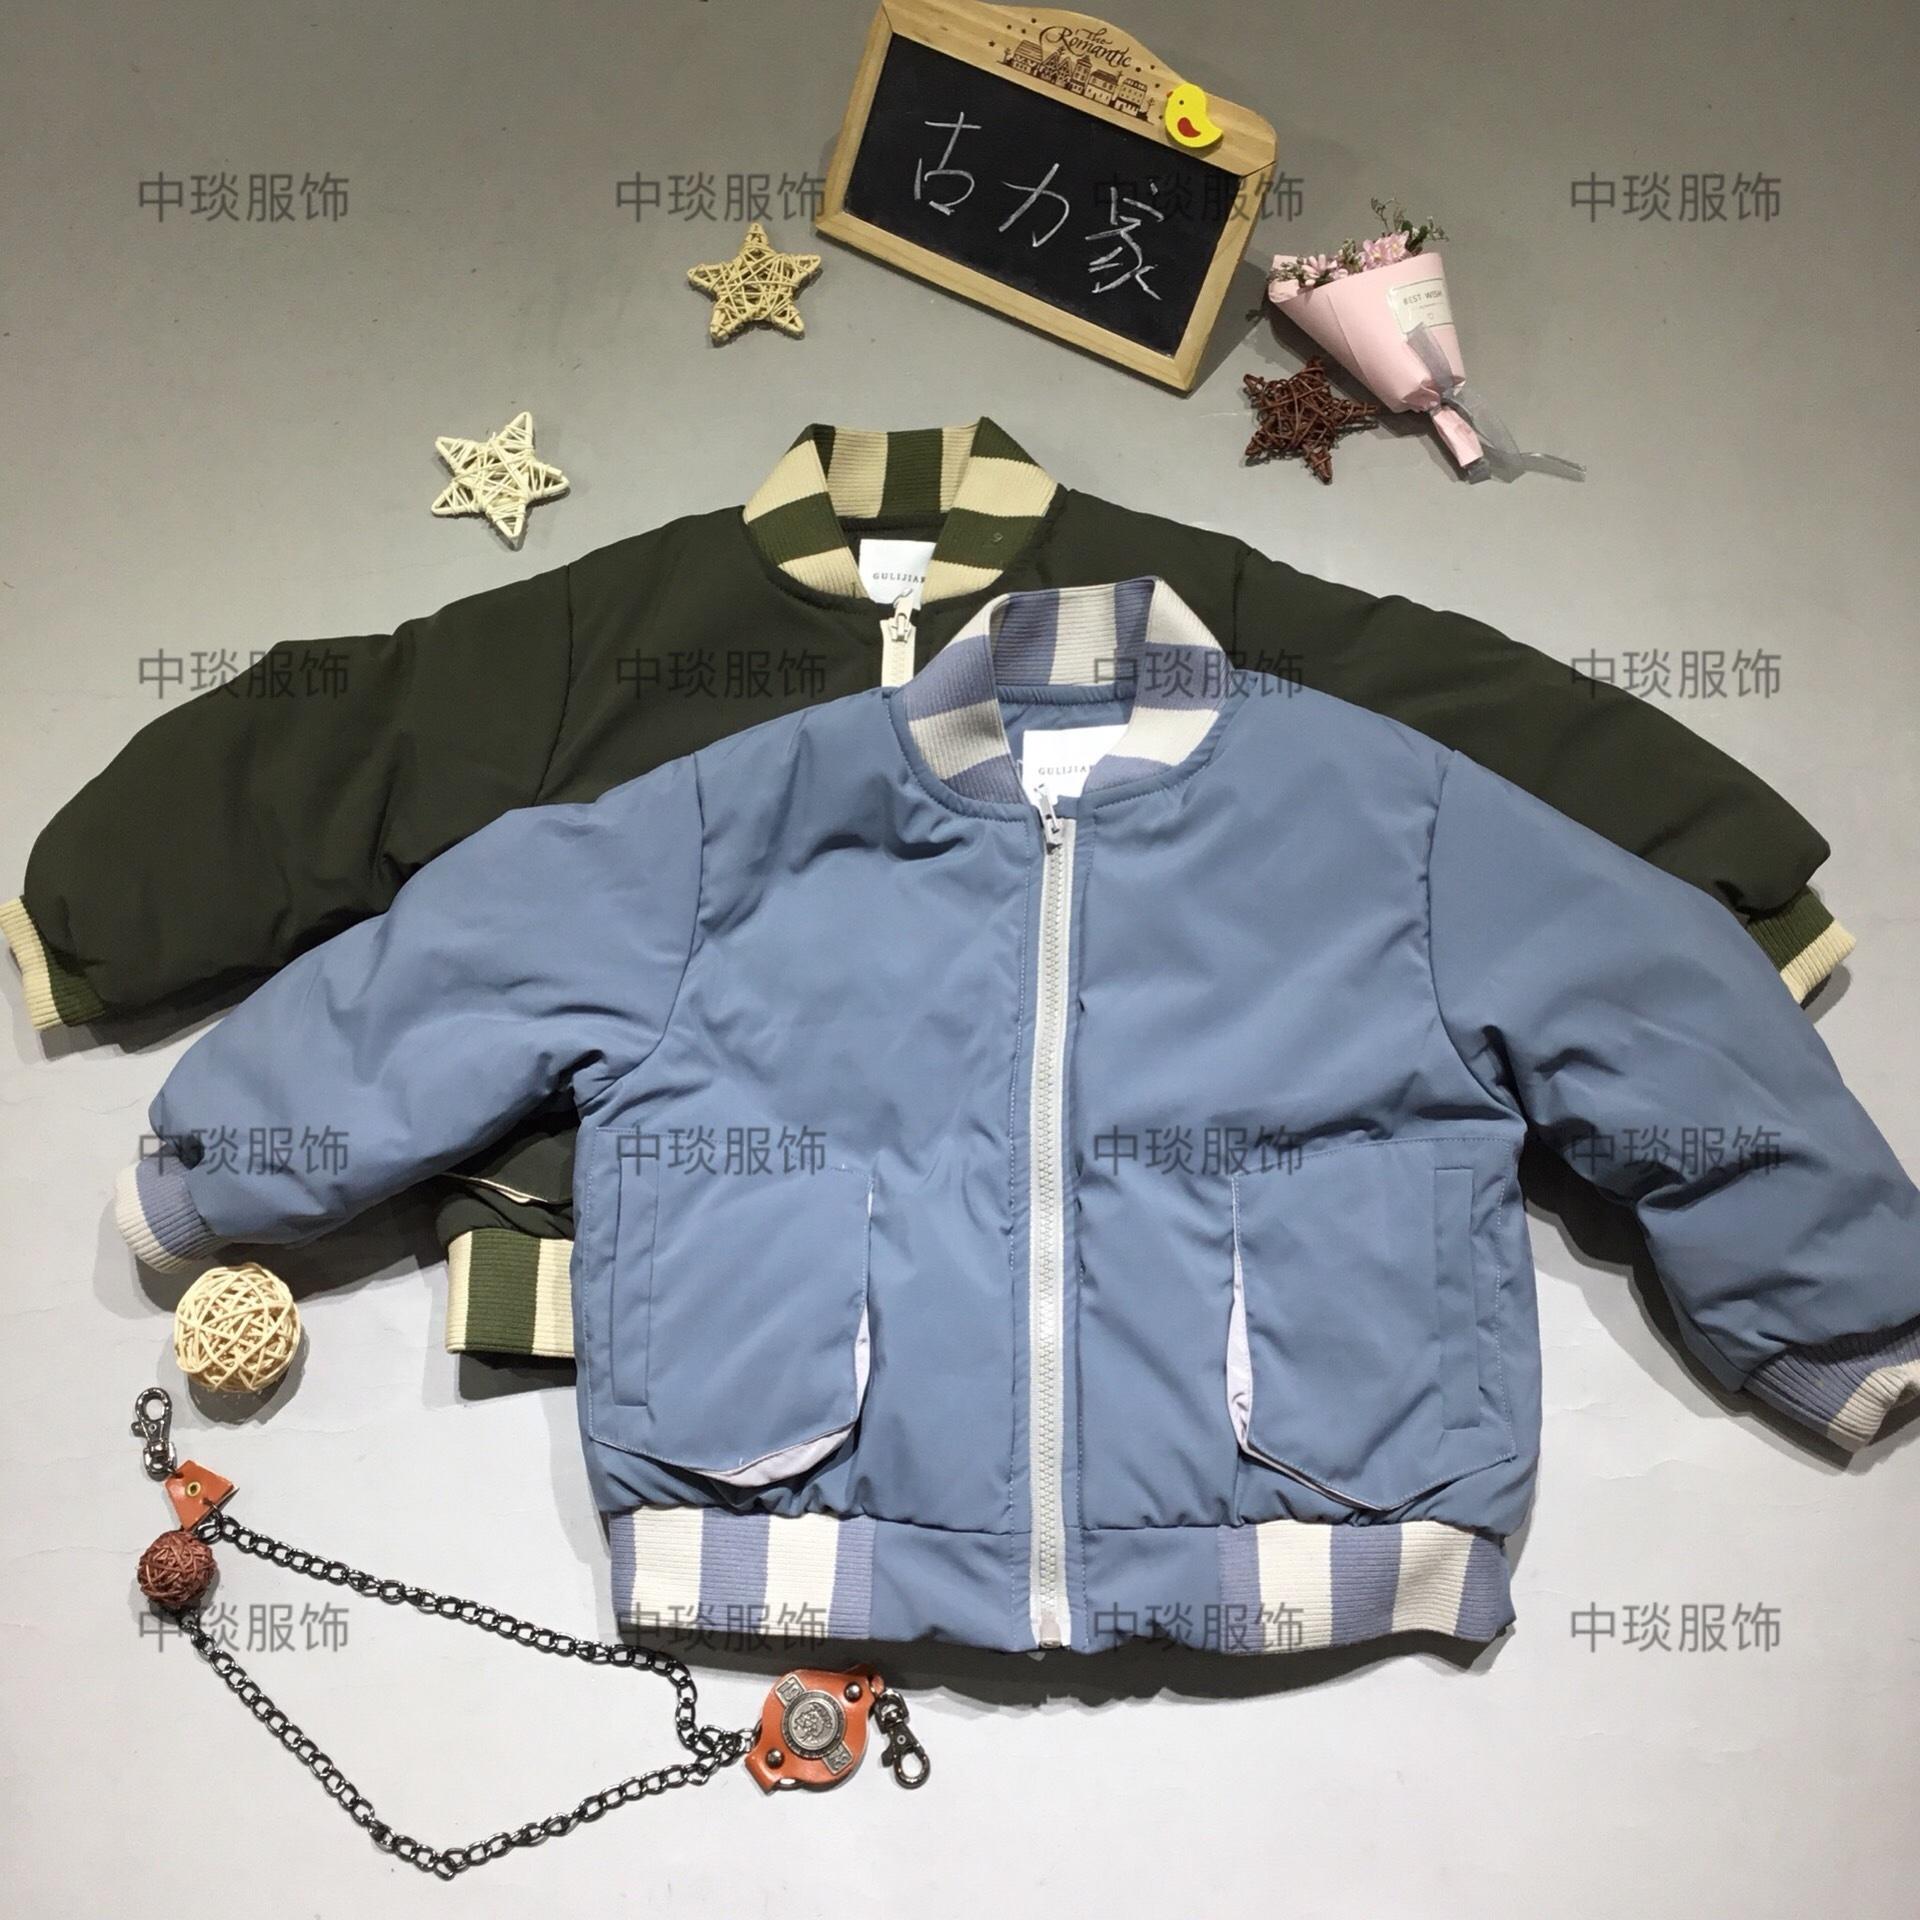 18年冬季新品中小童古力家羽绒服棉服品牌童装折扣批发